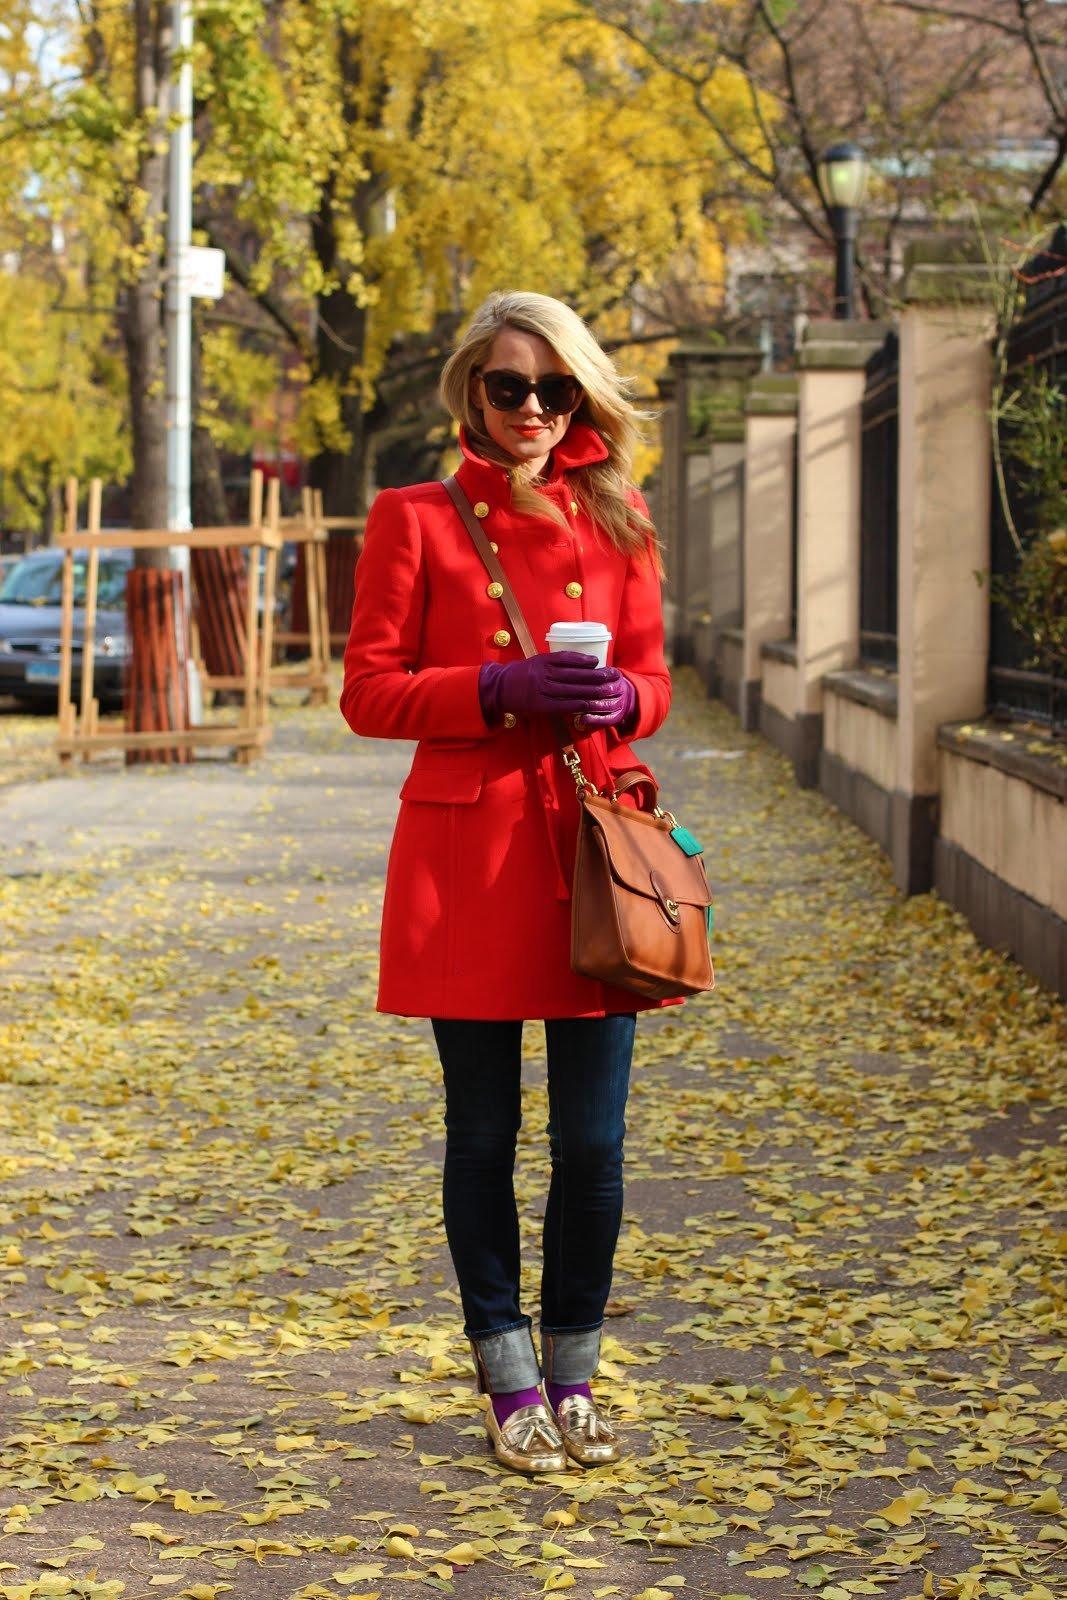 Картинки девушек в красном пальто